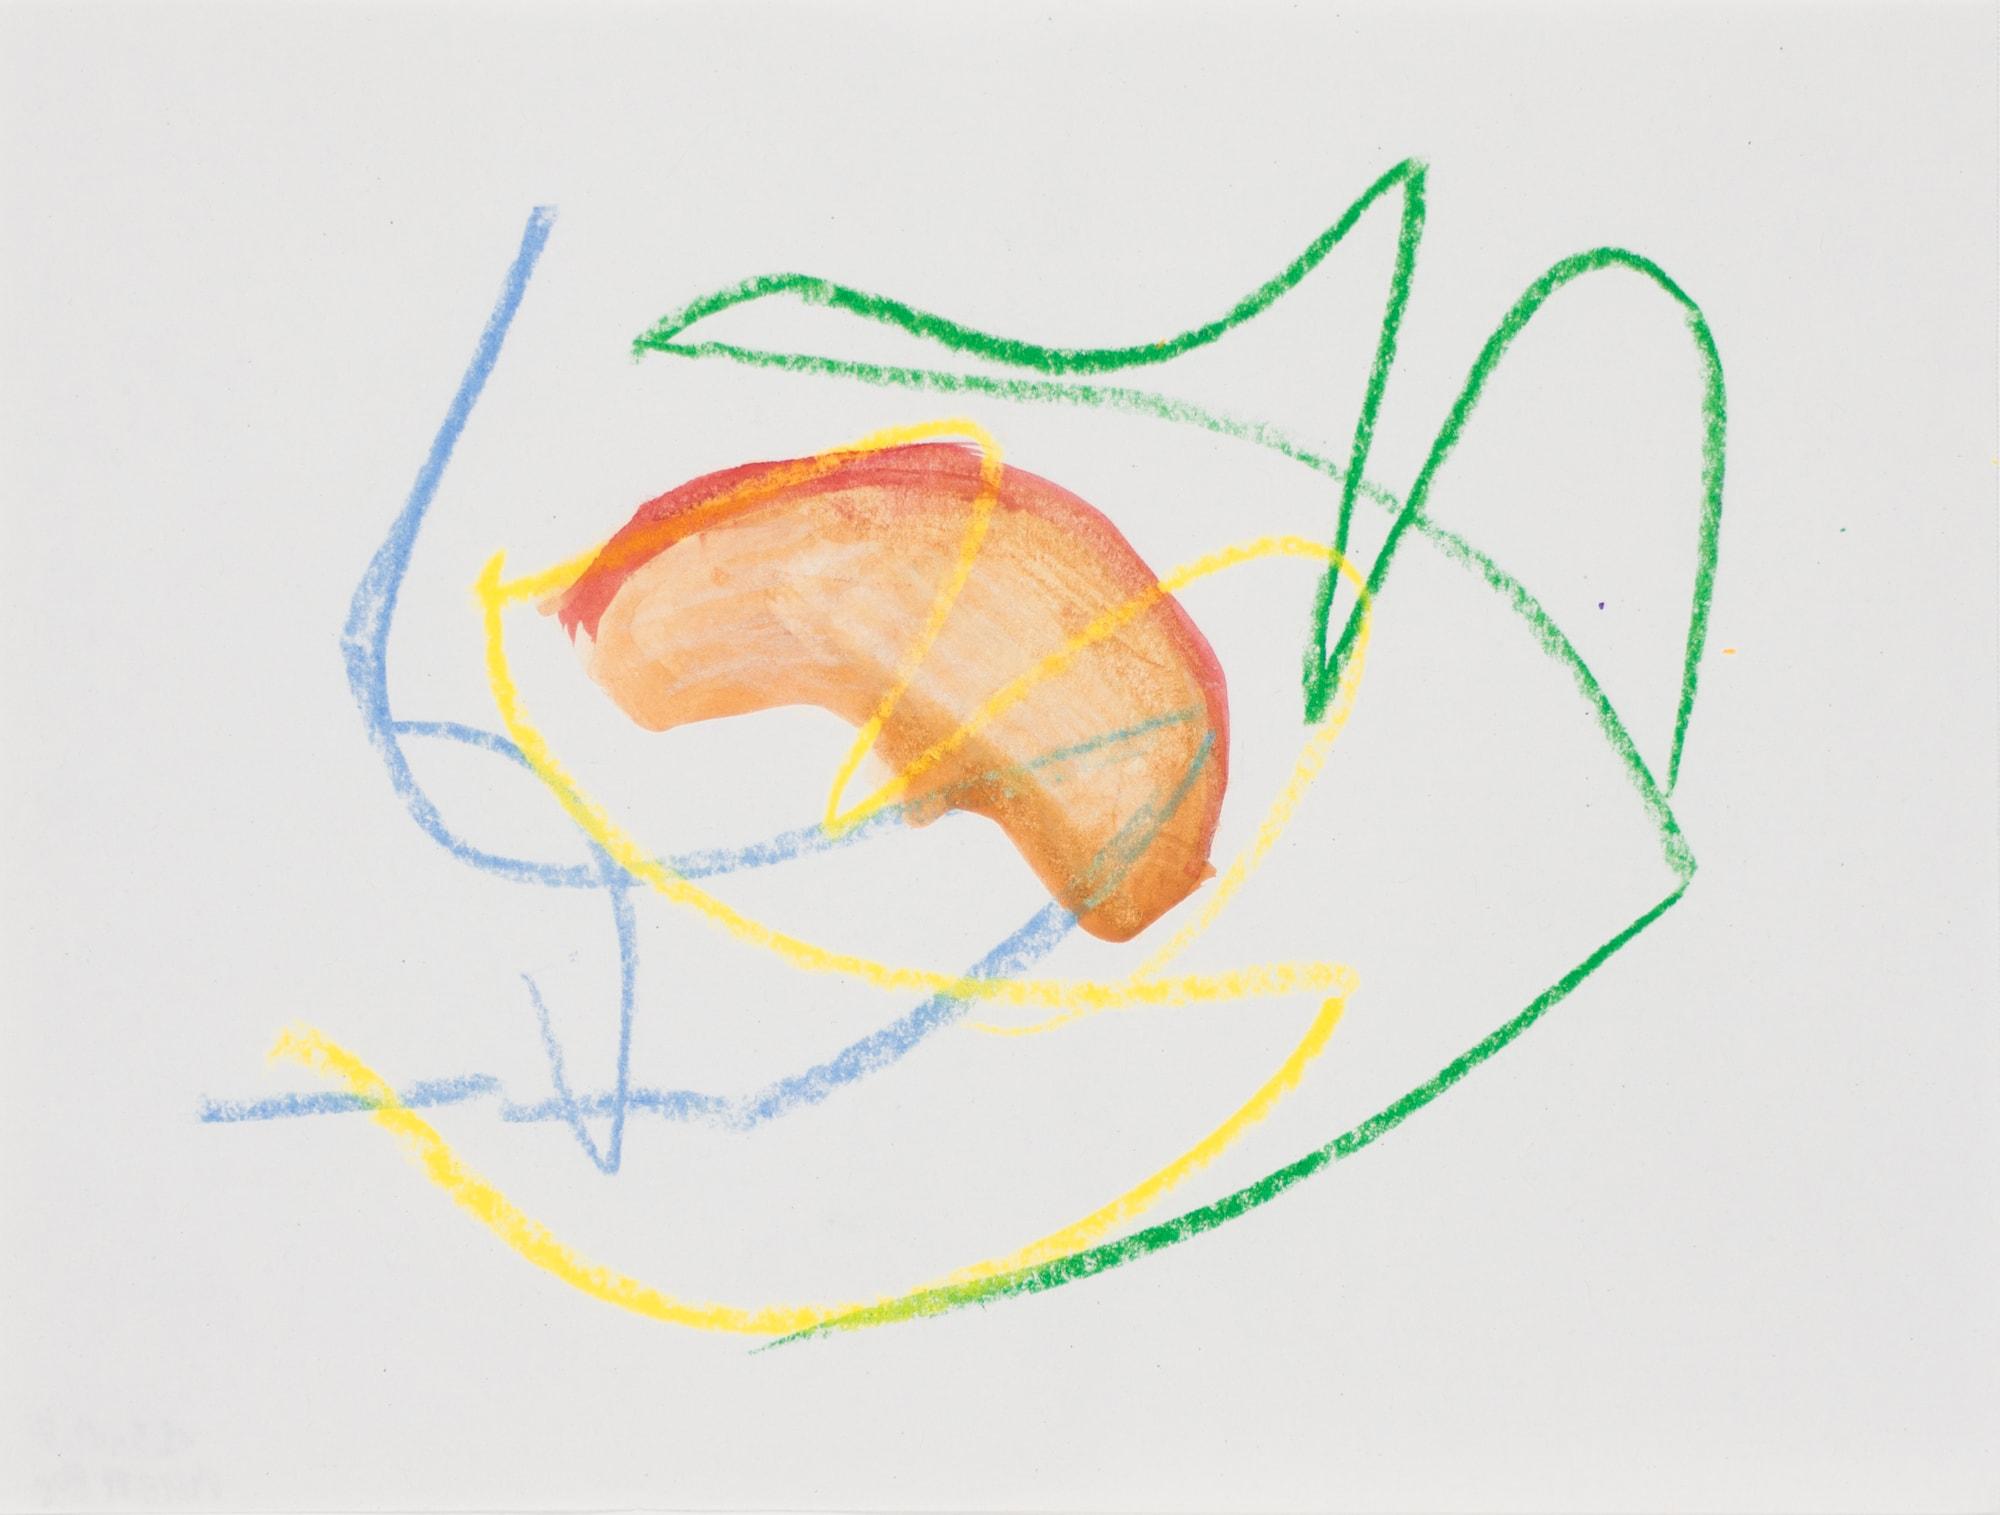 Zeichnung, Gouache, Ölkreide und Tusche auf Papier, 19,5x14,7cm, abstrakt, Künstlerin: Franziska King